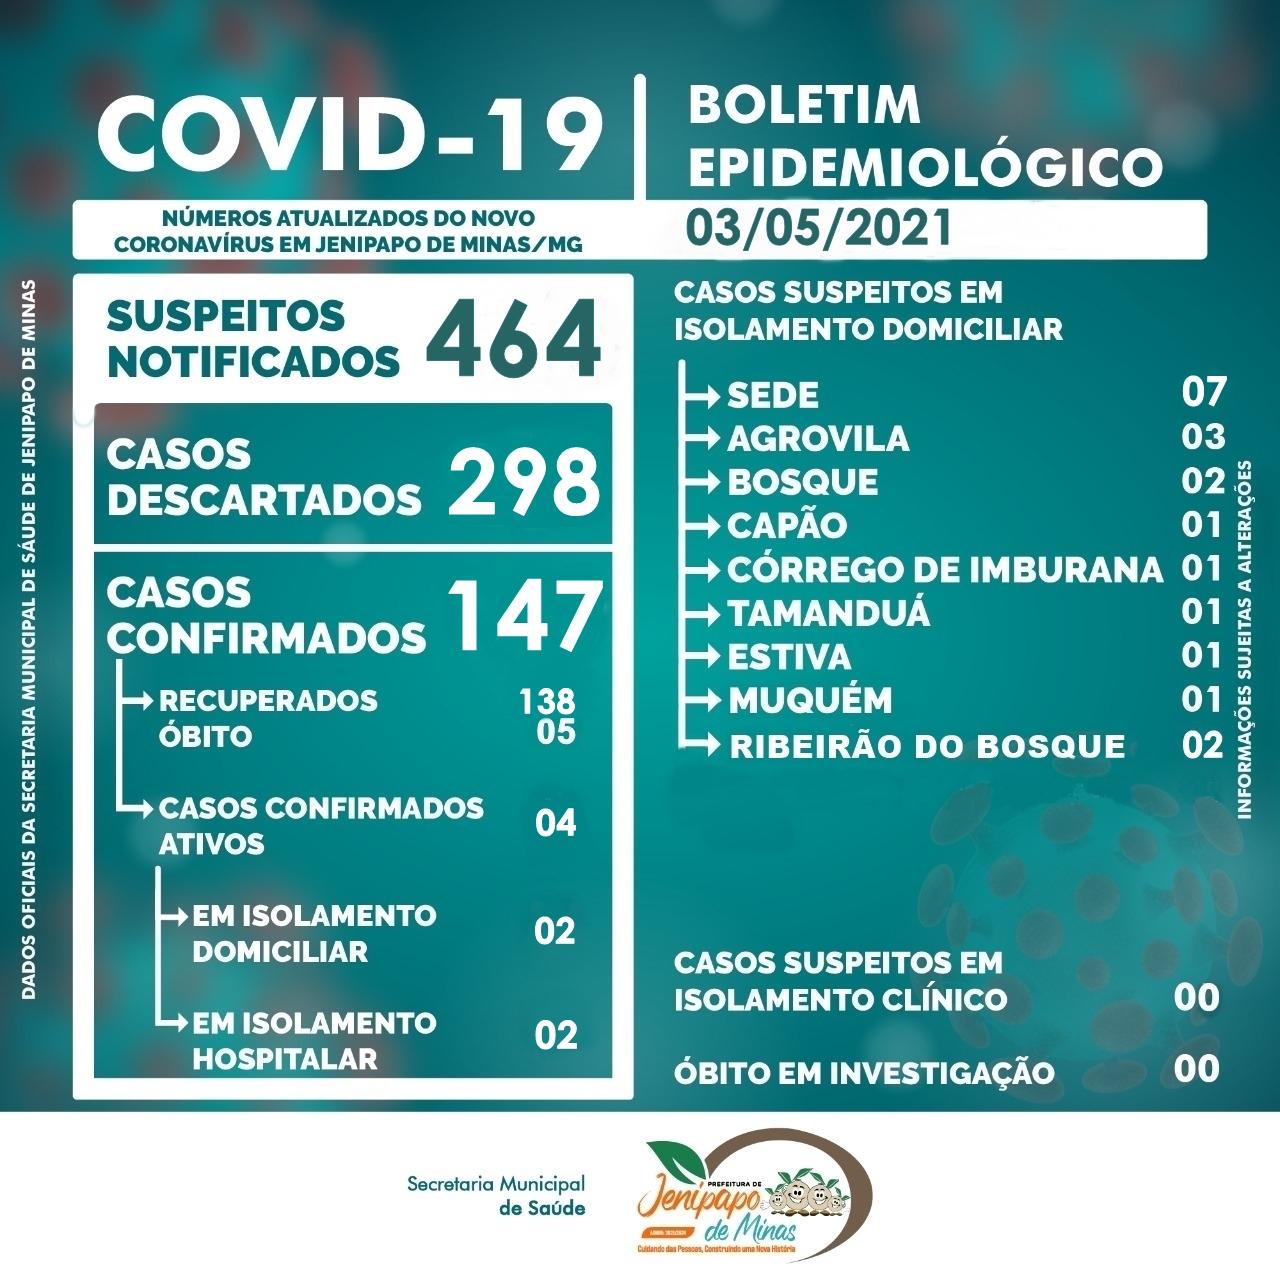 BOLETIM CORONAVÍRUS - 03/05/2021